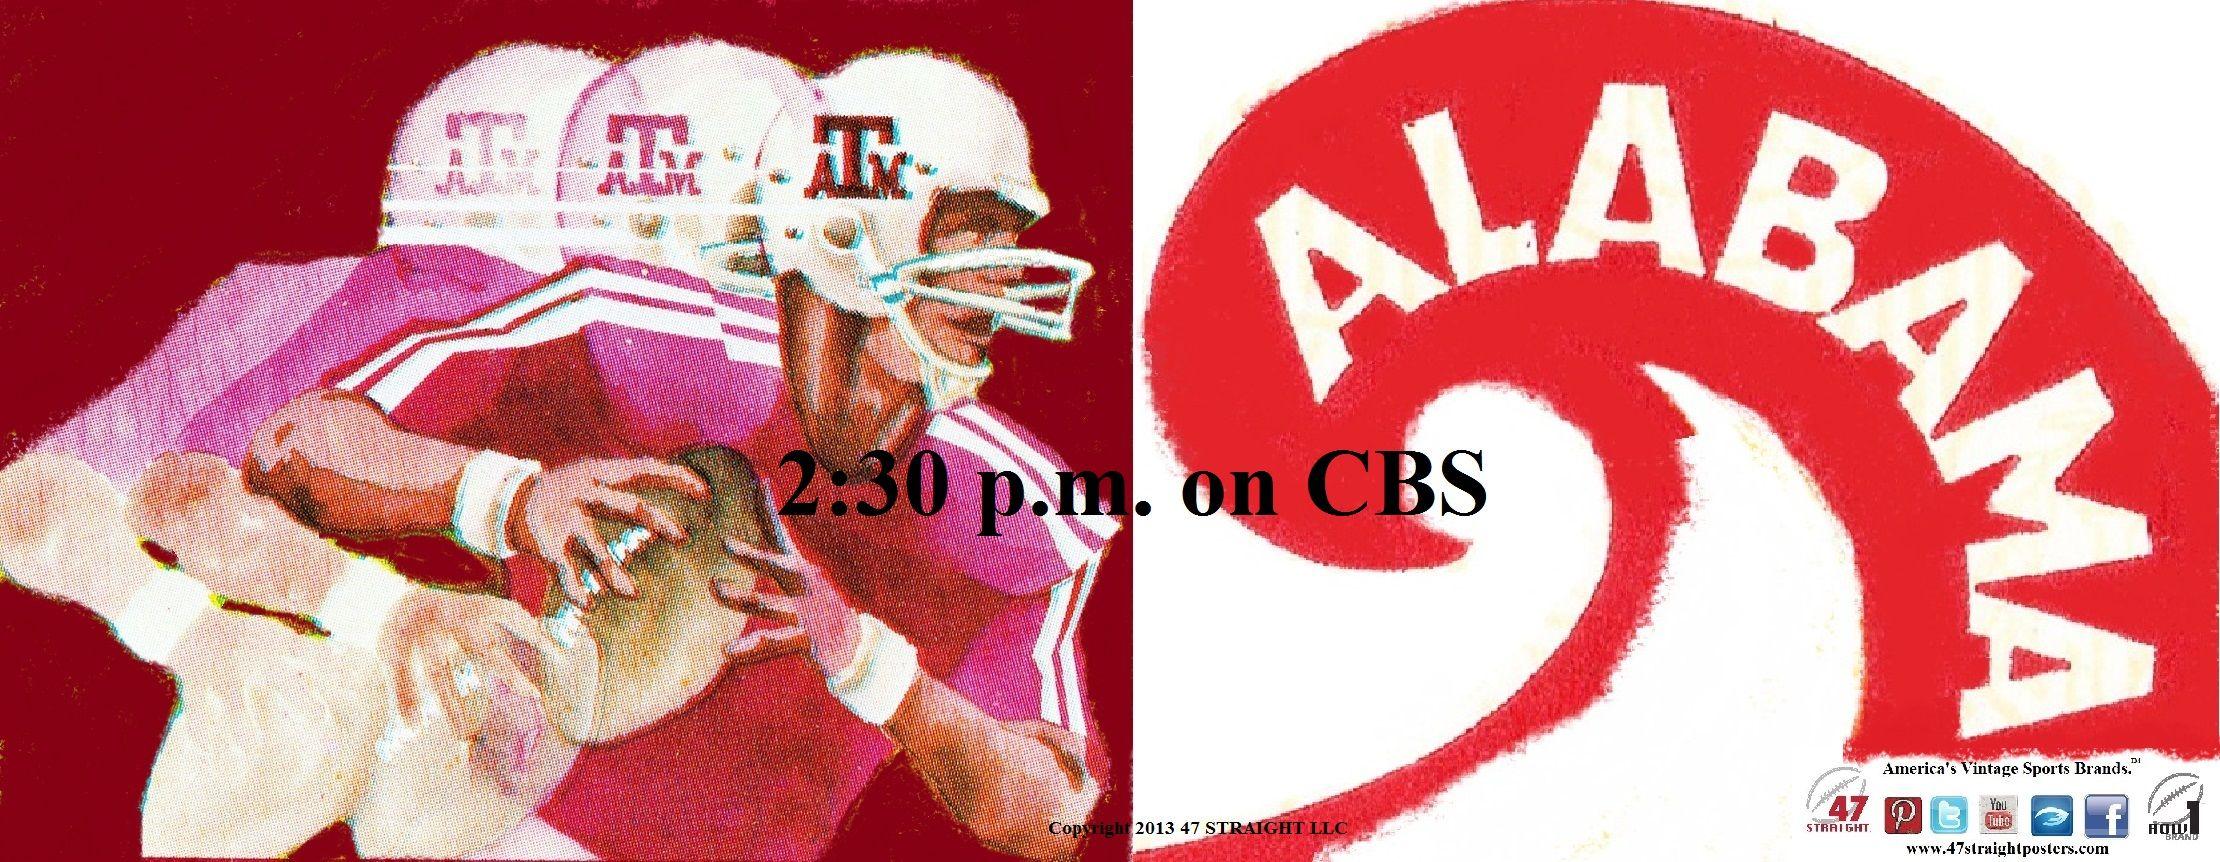 TexasAM vs. Alabama. Kickoff at 230 on CBS. Most